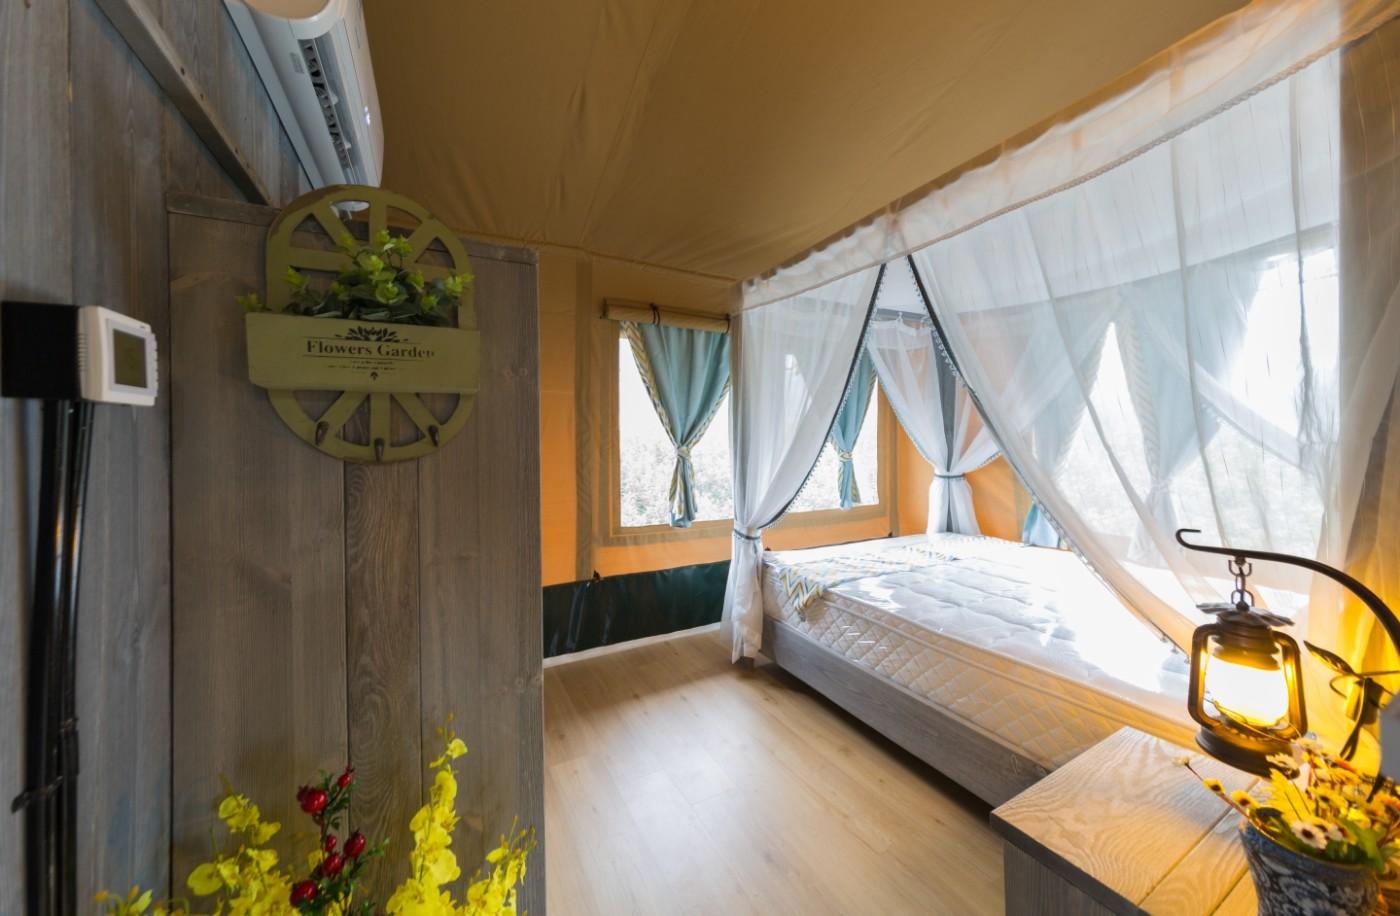 喜马拉雅野奢帐篷酒店—江苏茅山宝盛园(二期)31